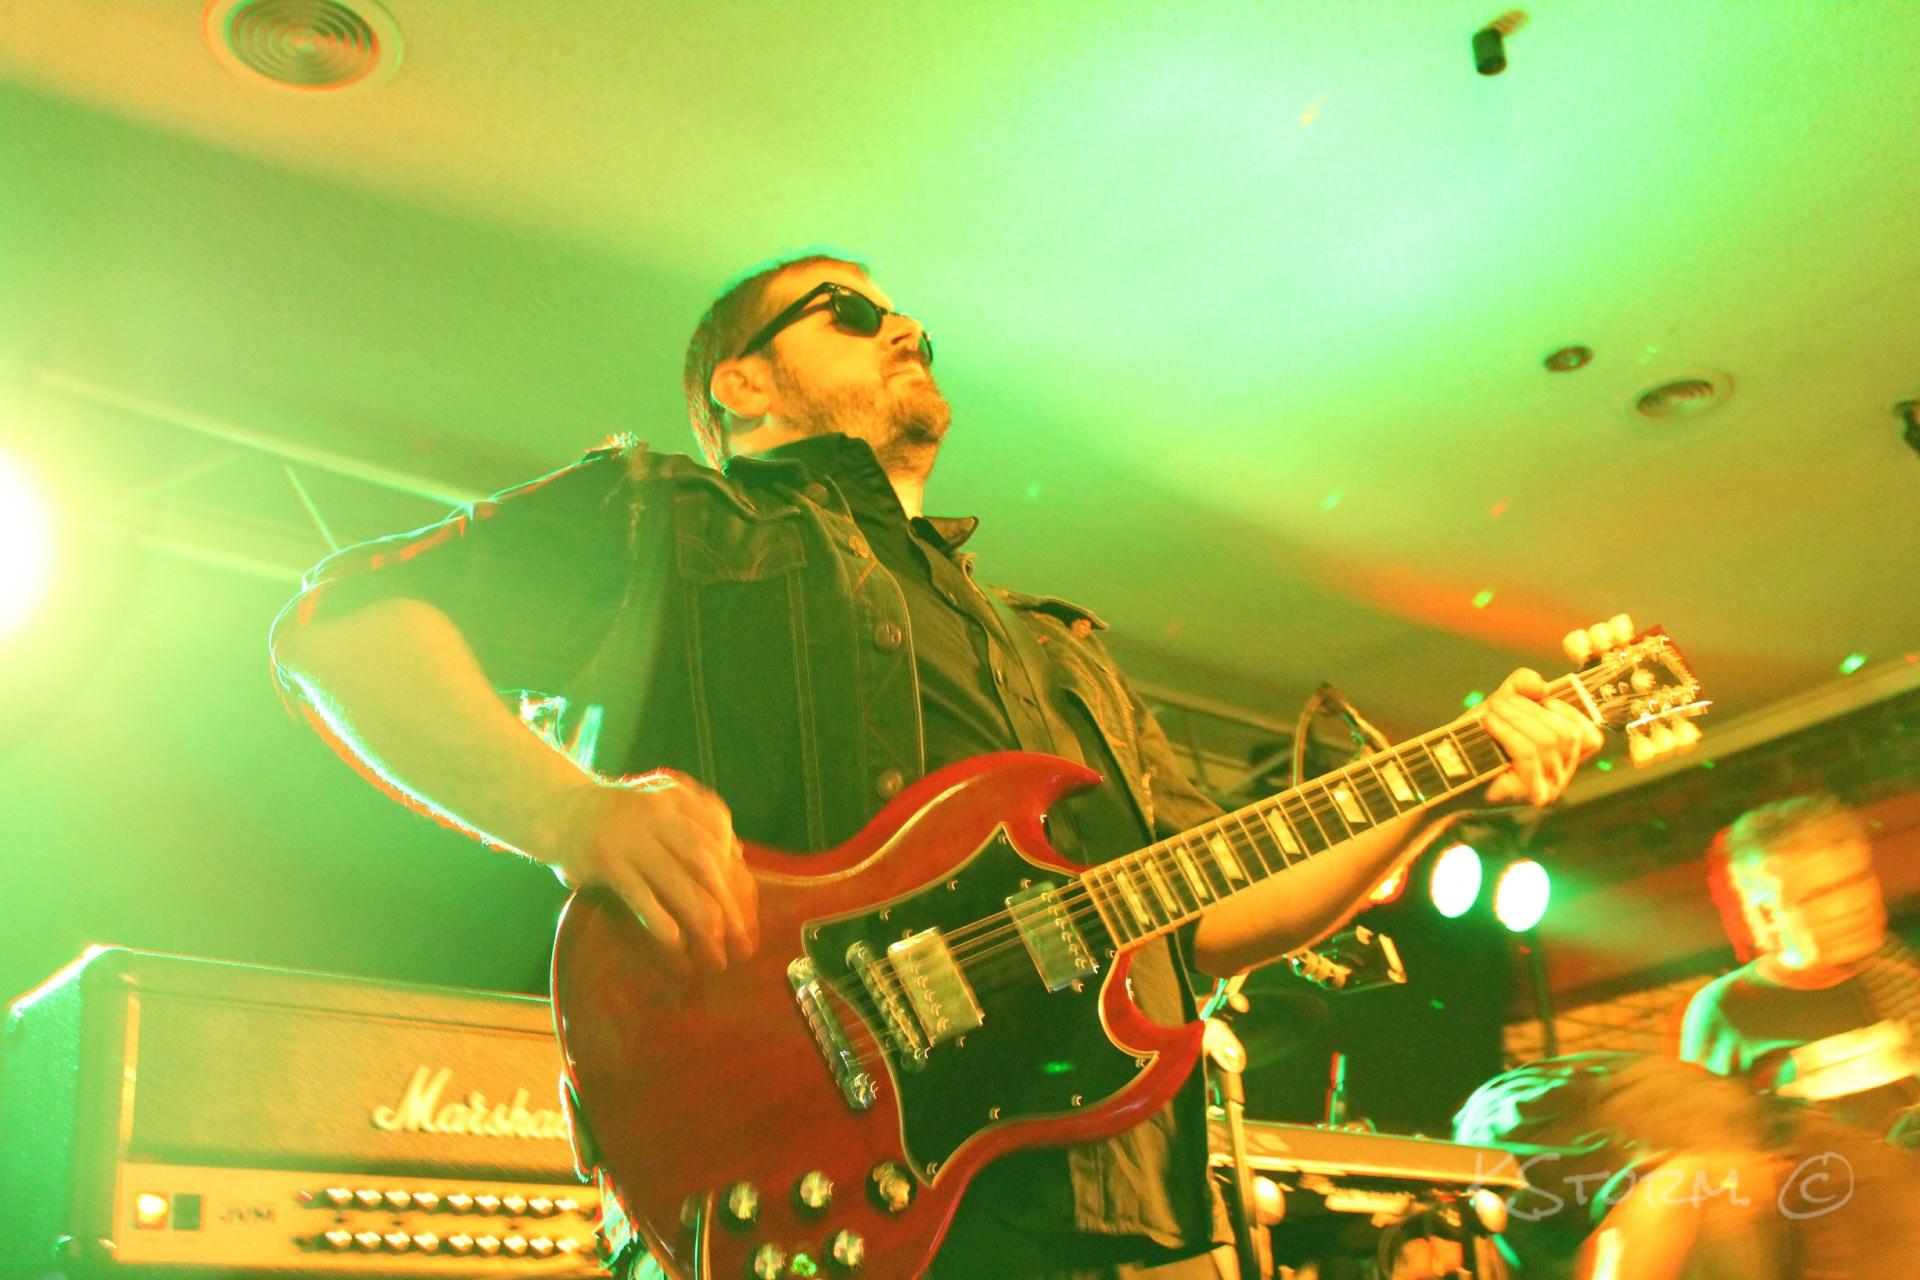 Doug Eames